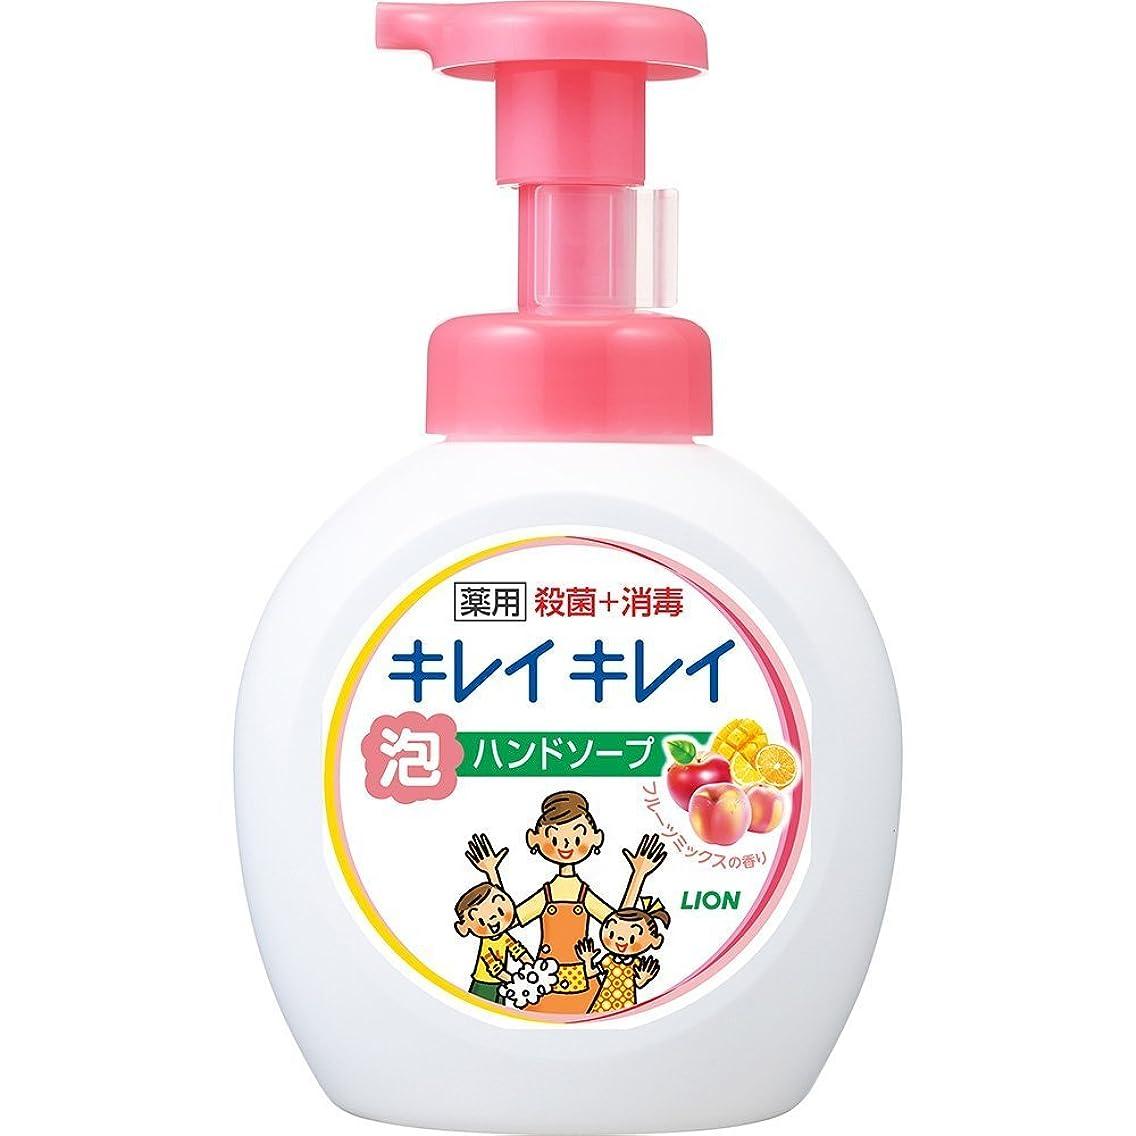 皮肉スライム出口キレイキレイ 薬用 泡ハンドソープ フルーツミックスの香り 本体ポンプ 大型サイズ 500ml(医薬部外品)